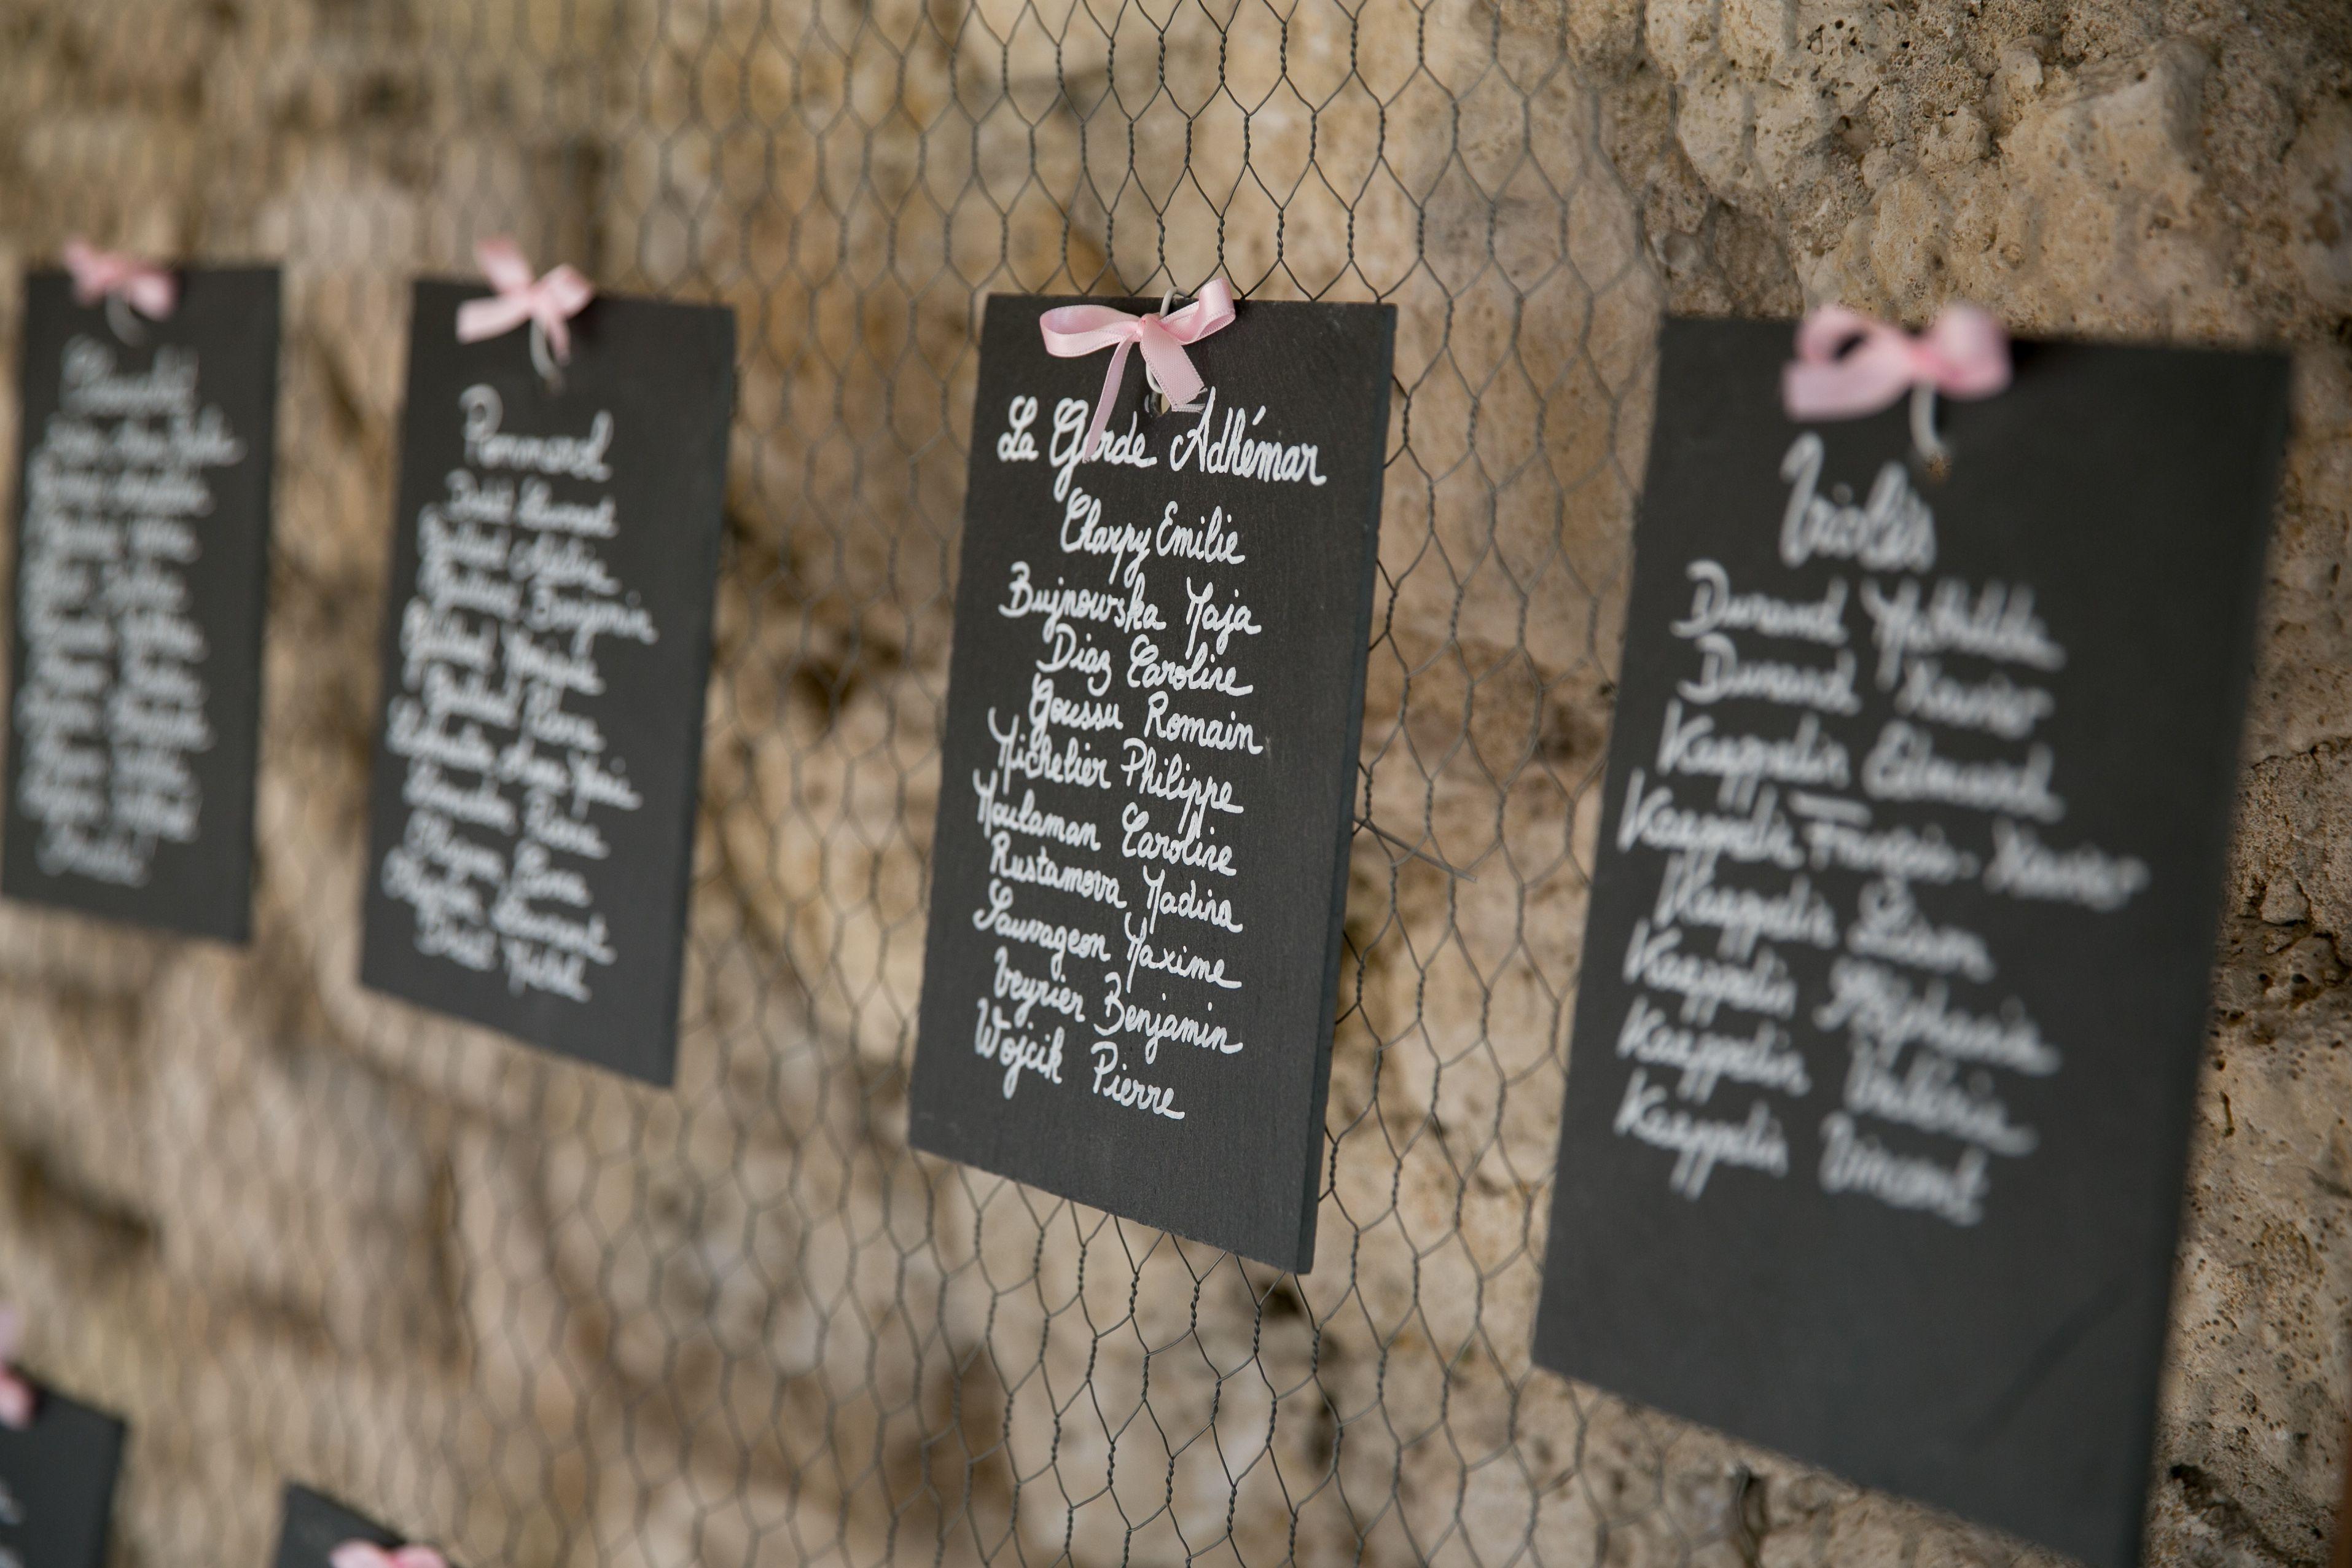 plan de table grillage poule ardoises noeuds ruban rose noms de tables noms de villages. Black Bedroom Furniture Sets. Home Design Ideas